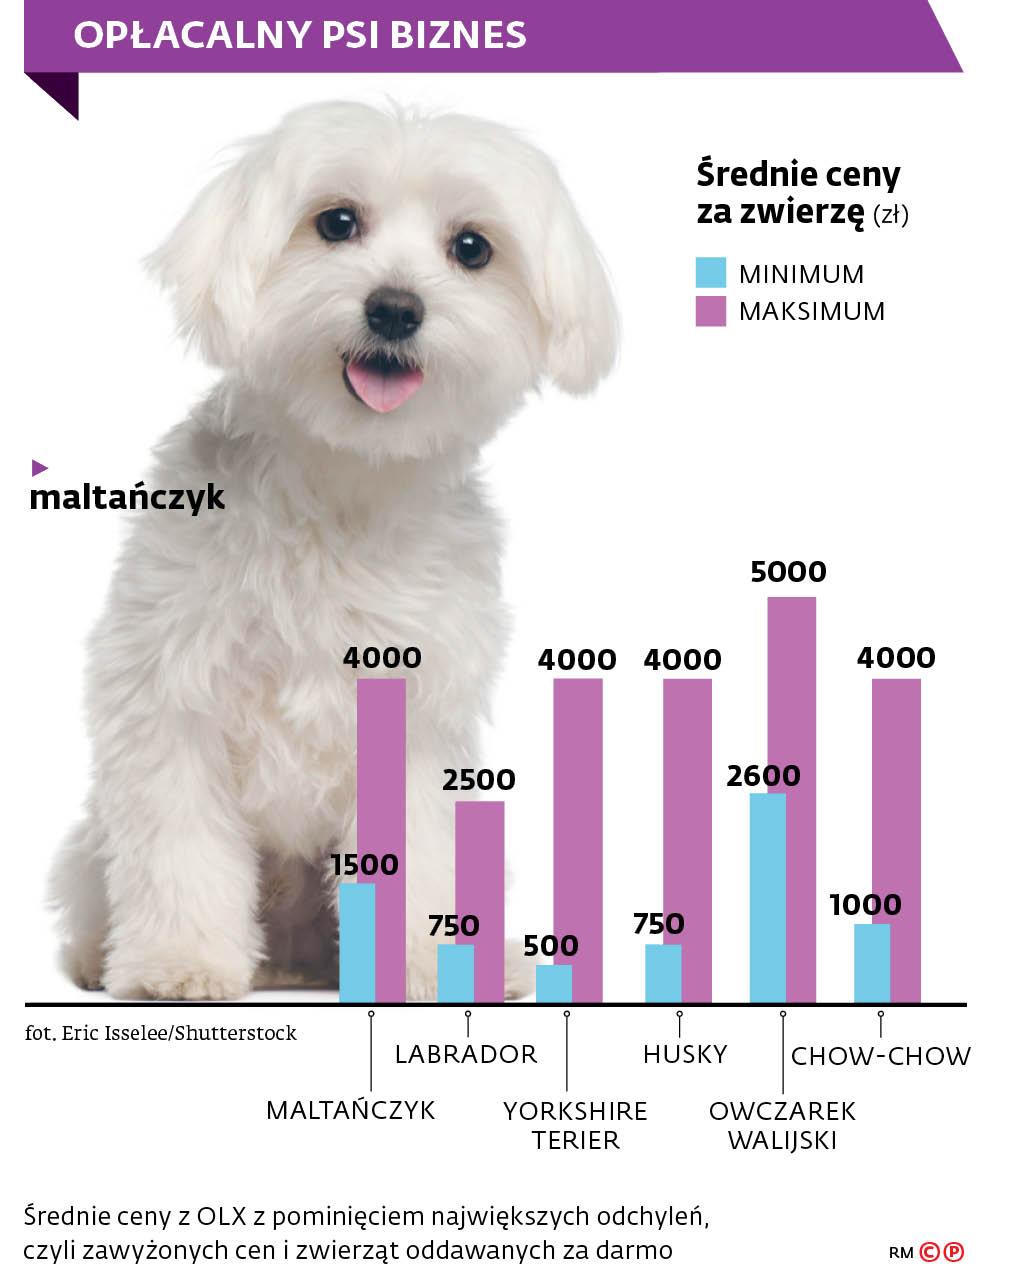 Opłacalny psi biznes